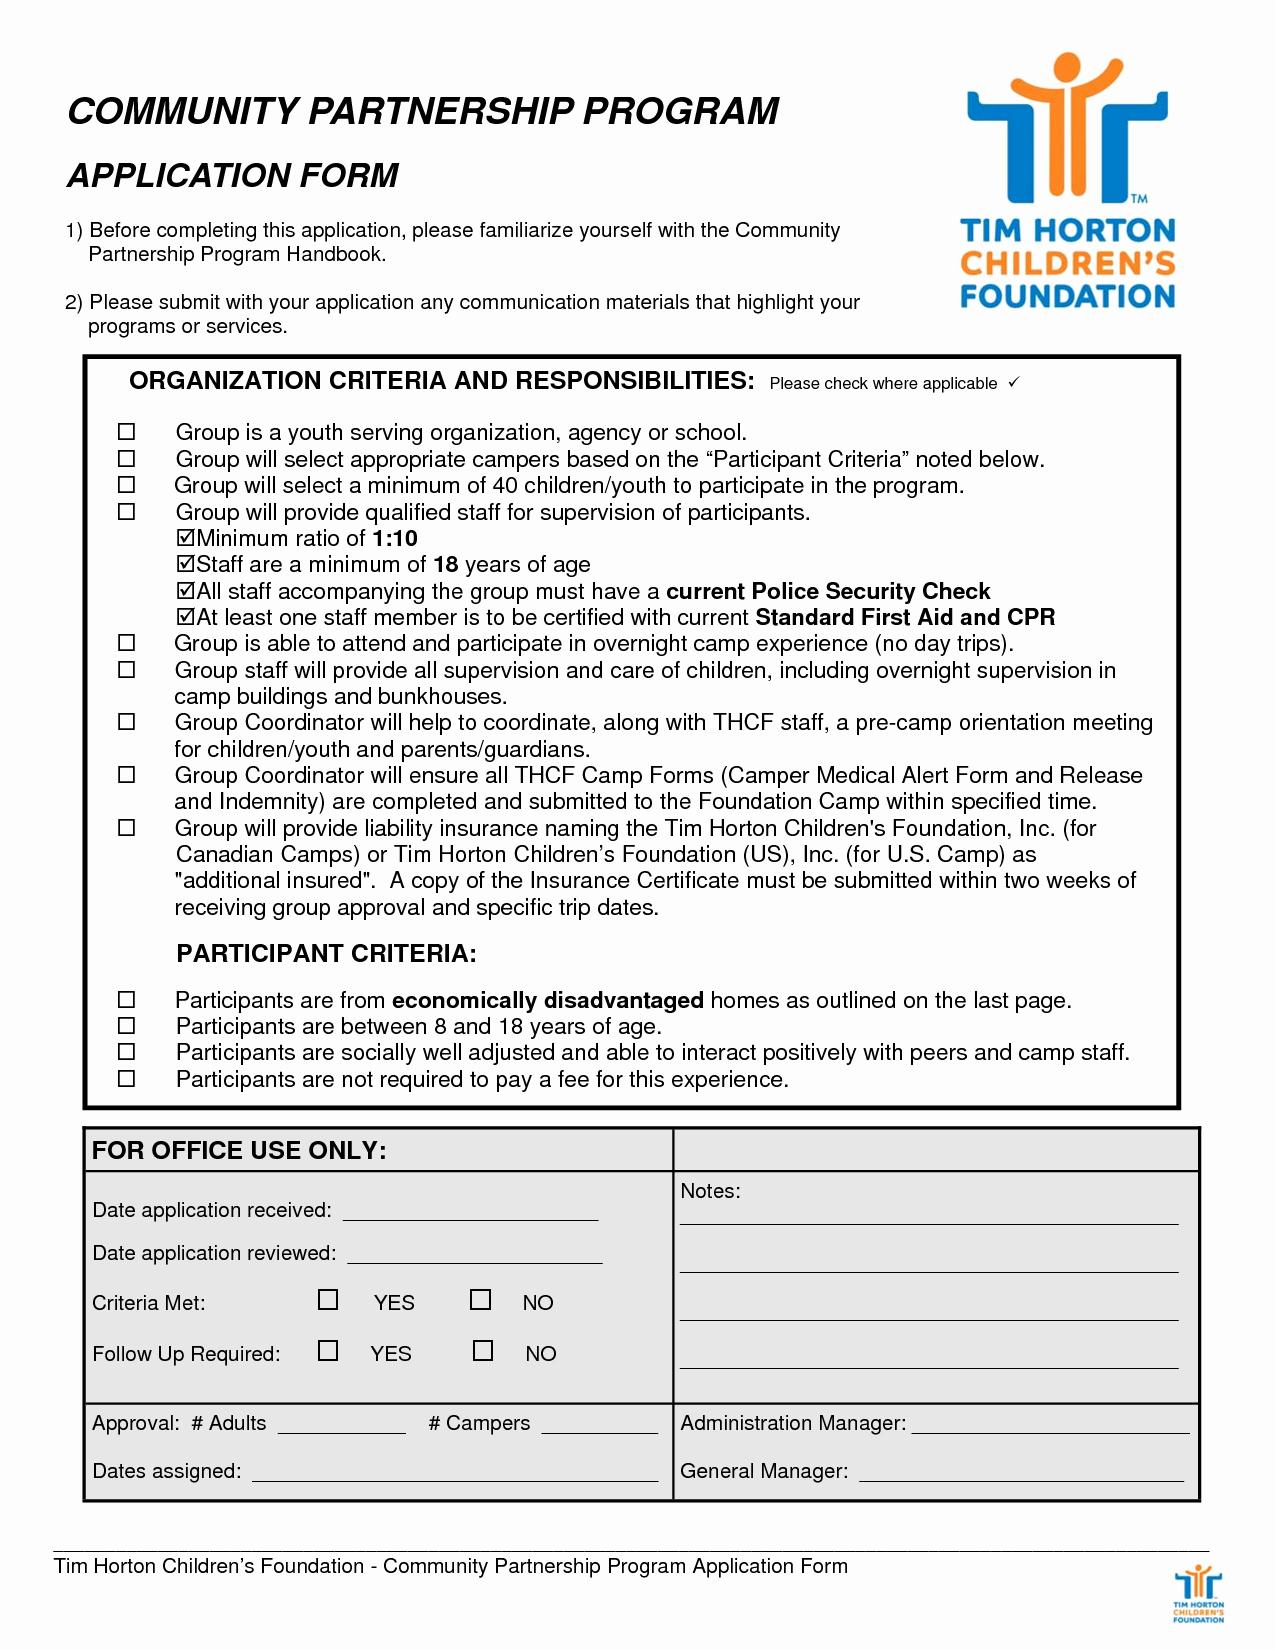 10 Tim Hortons Application form Samplebusinessresume